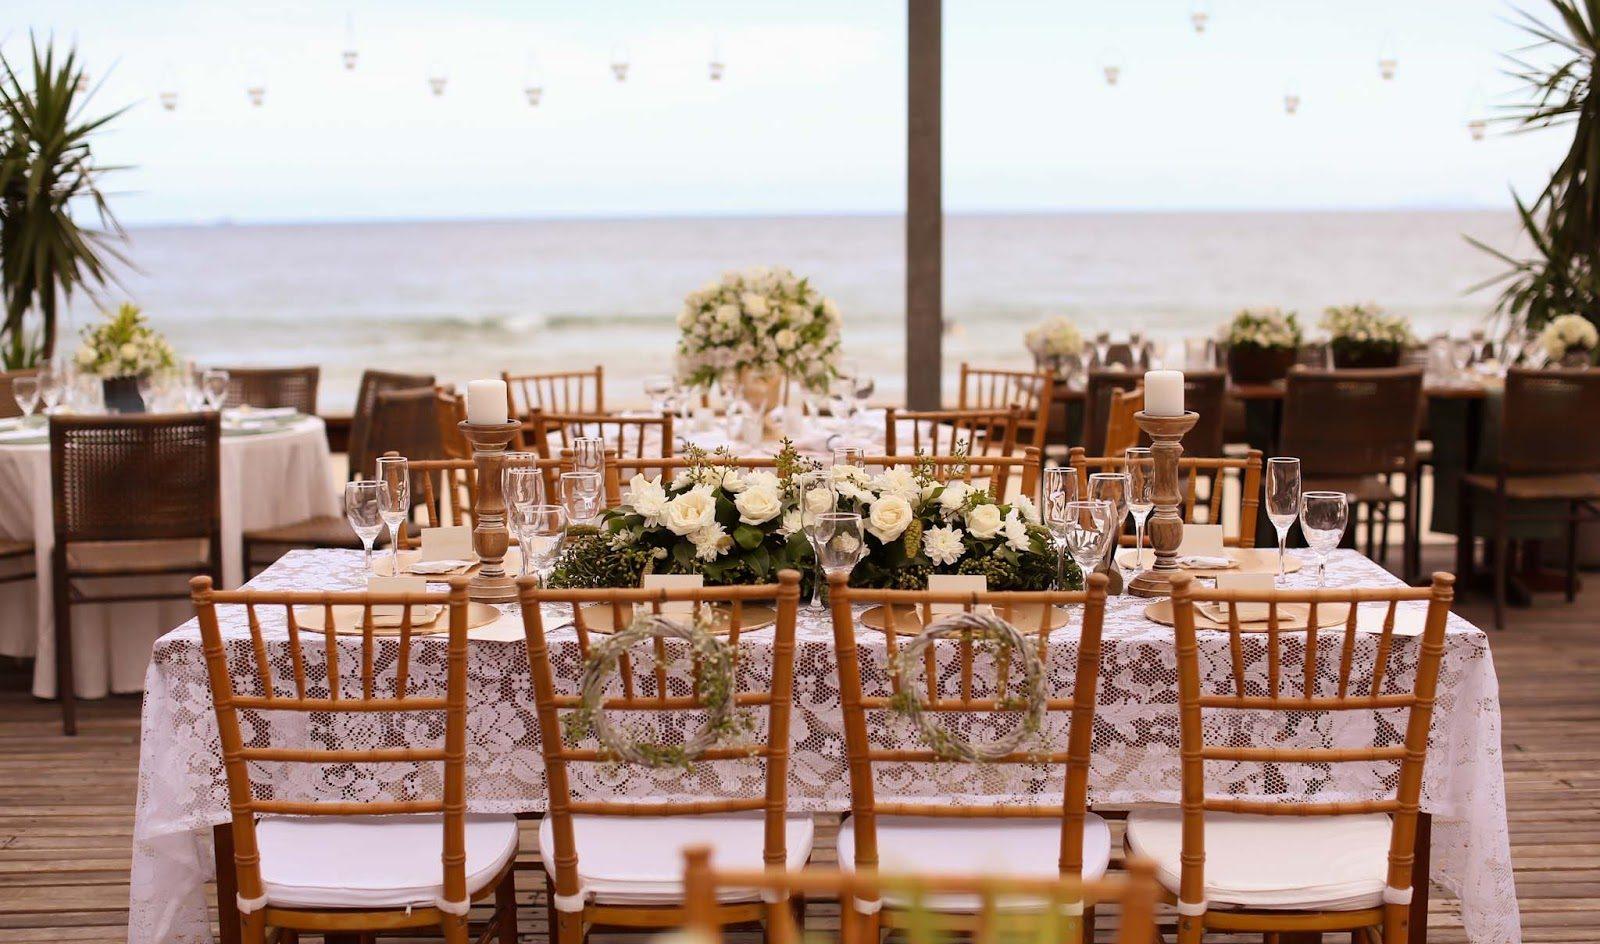 Centro de mesa para decoração de casamento: flores brancas